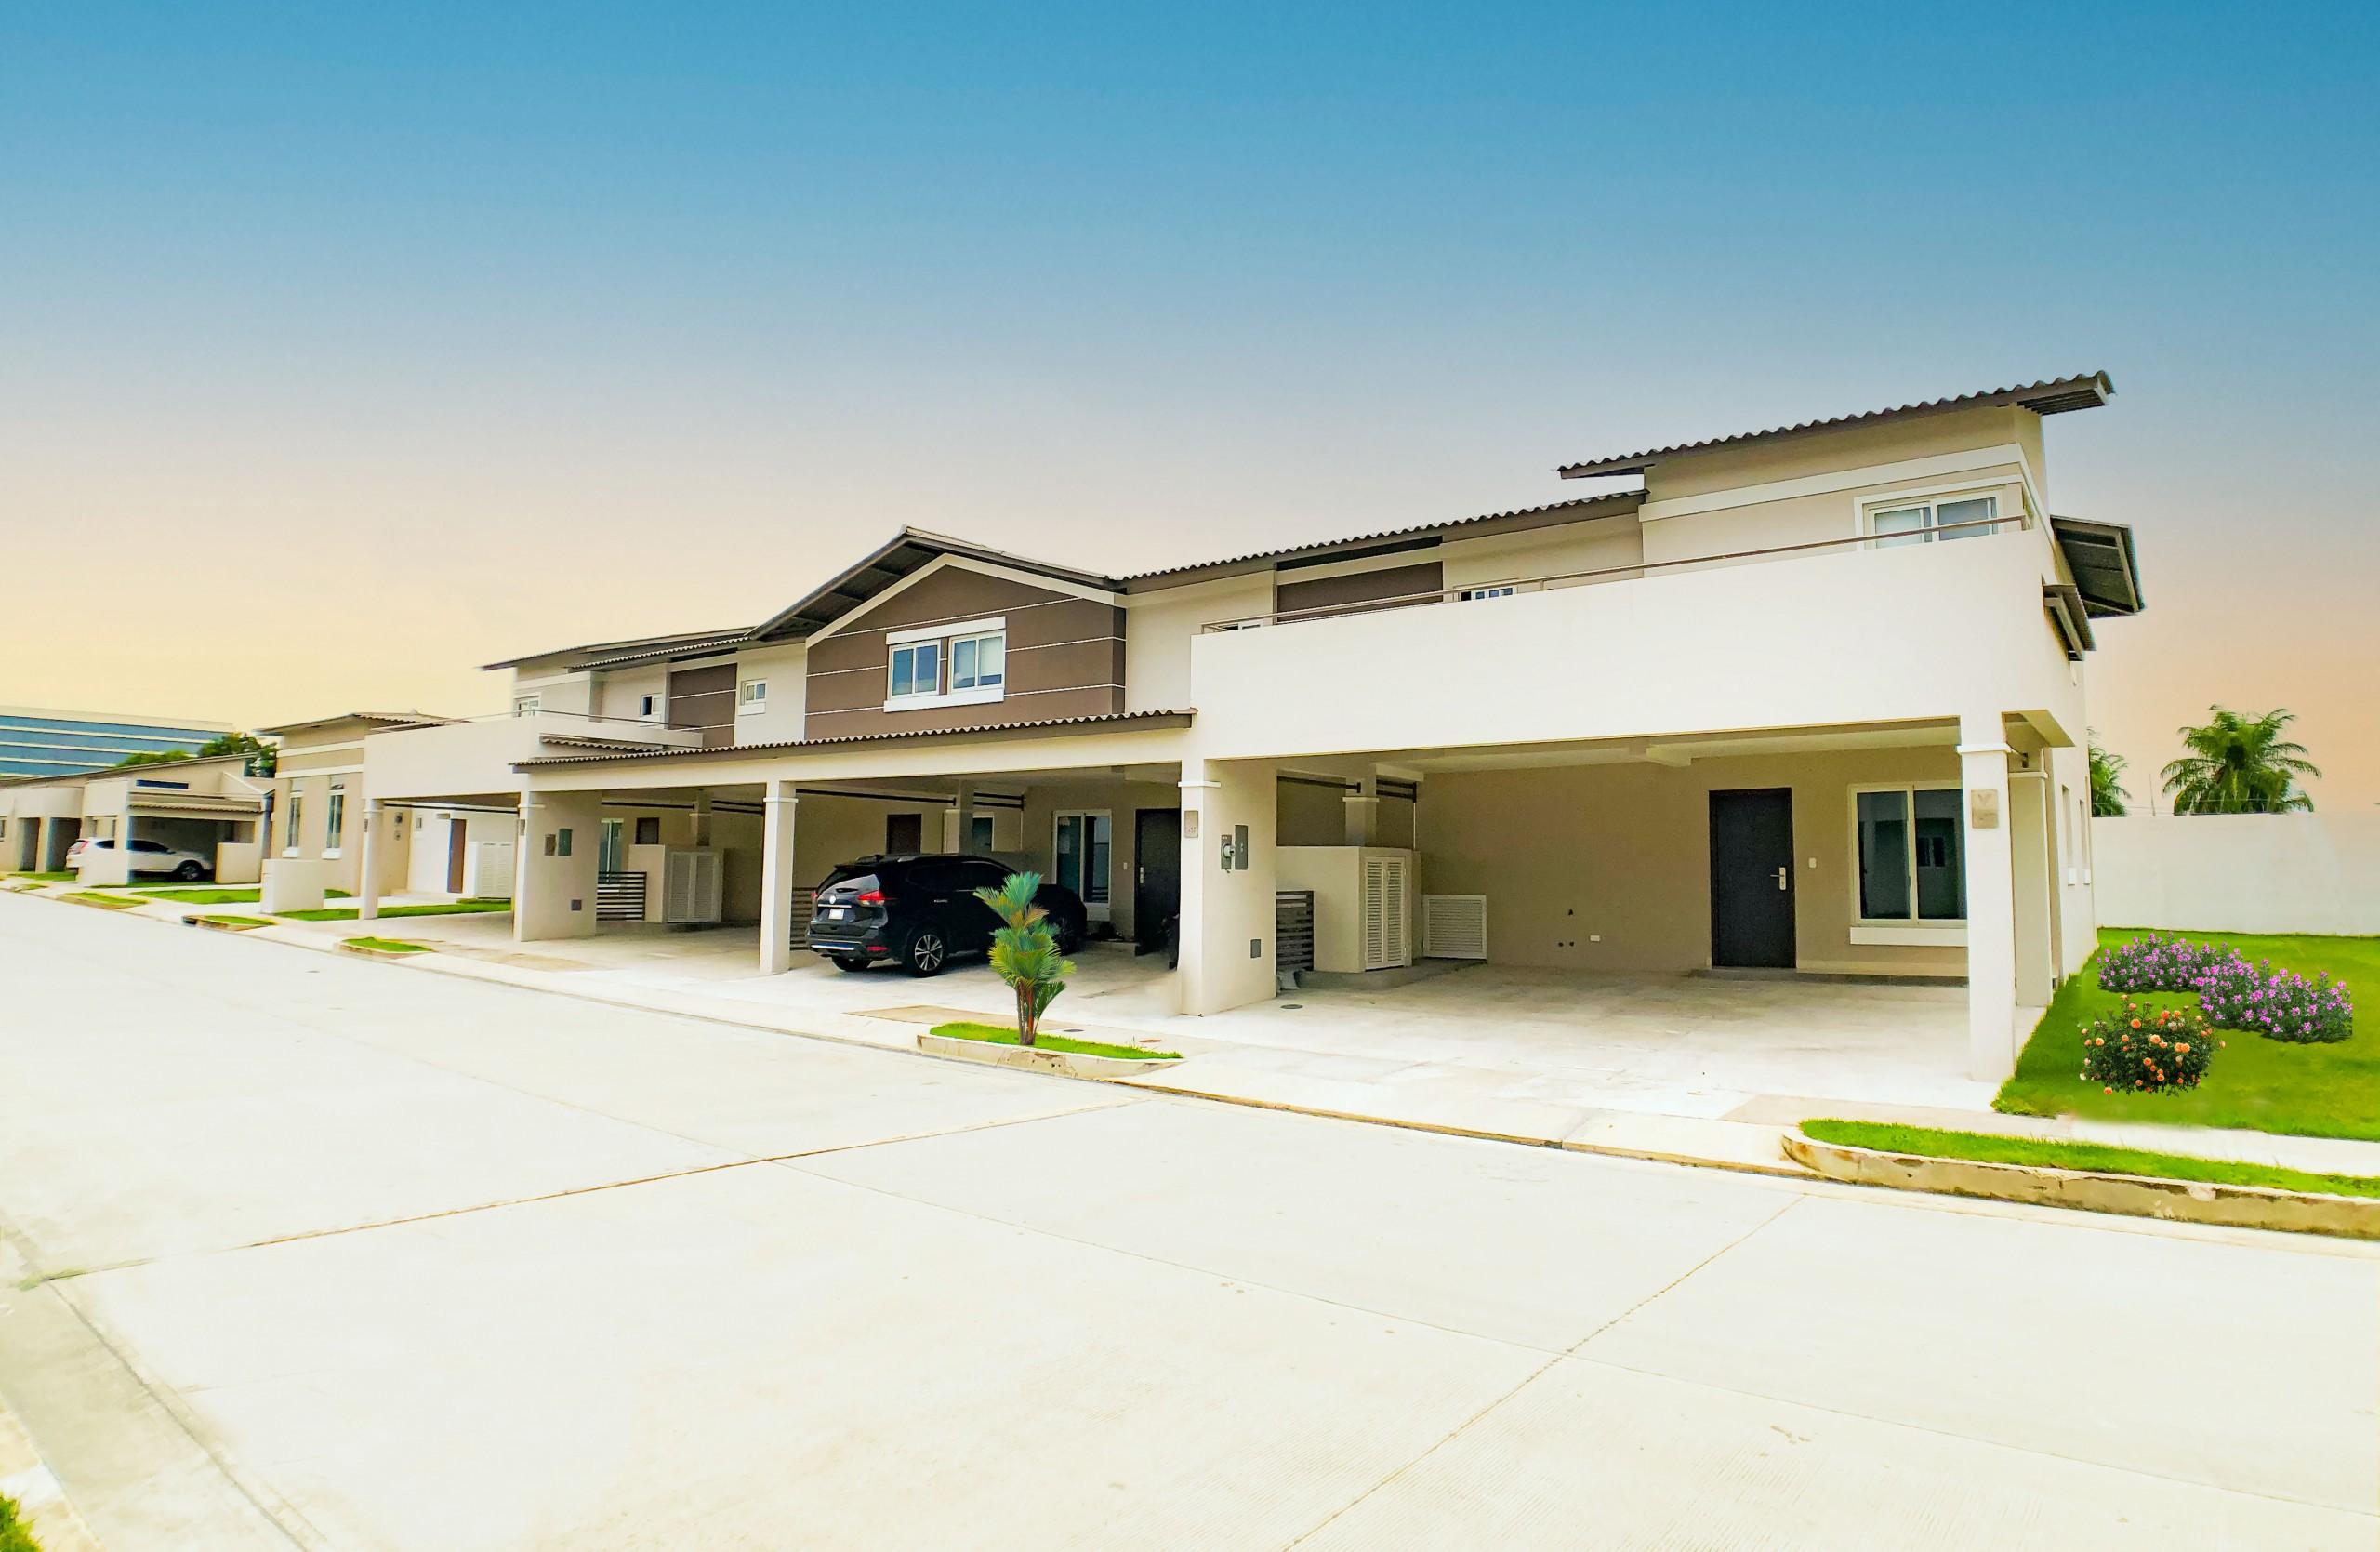 Villa sur casa modelo Topwn Home costa sur panama